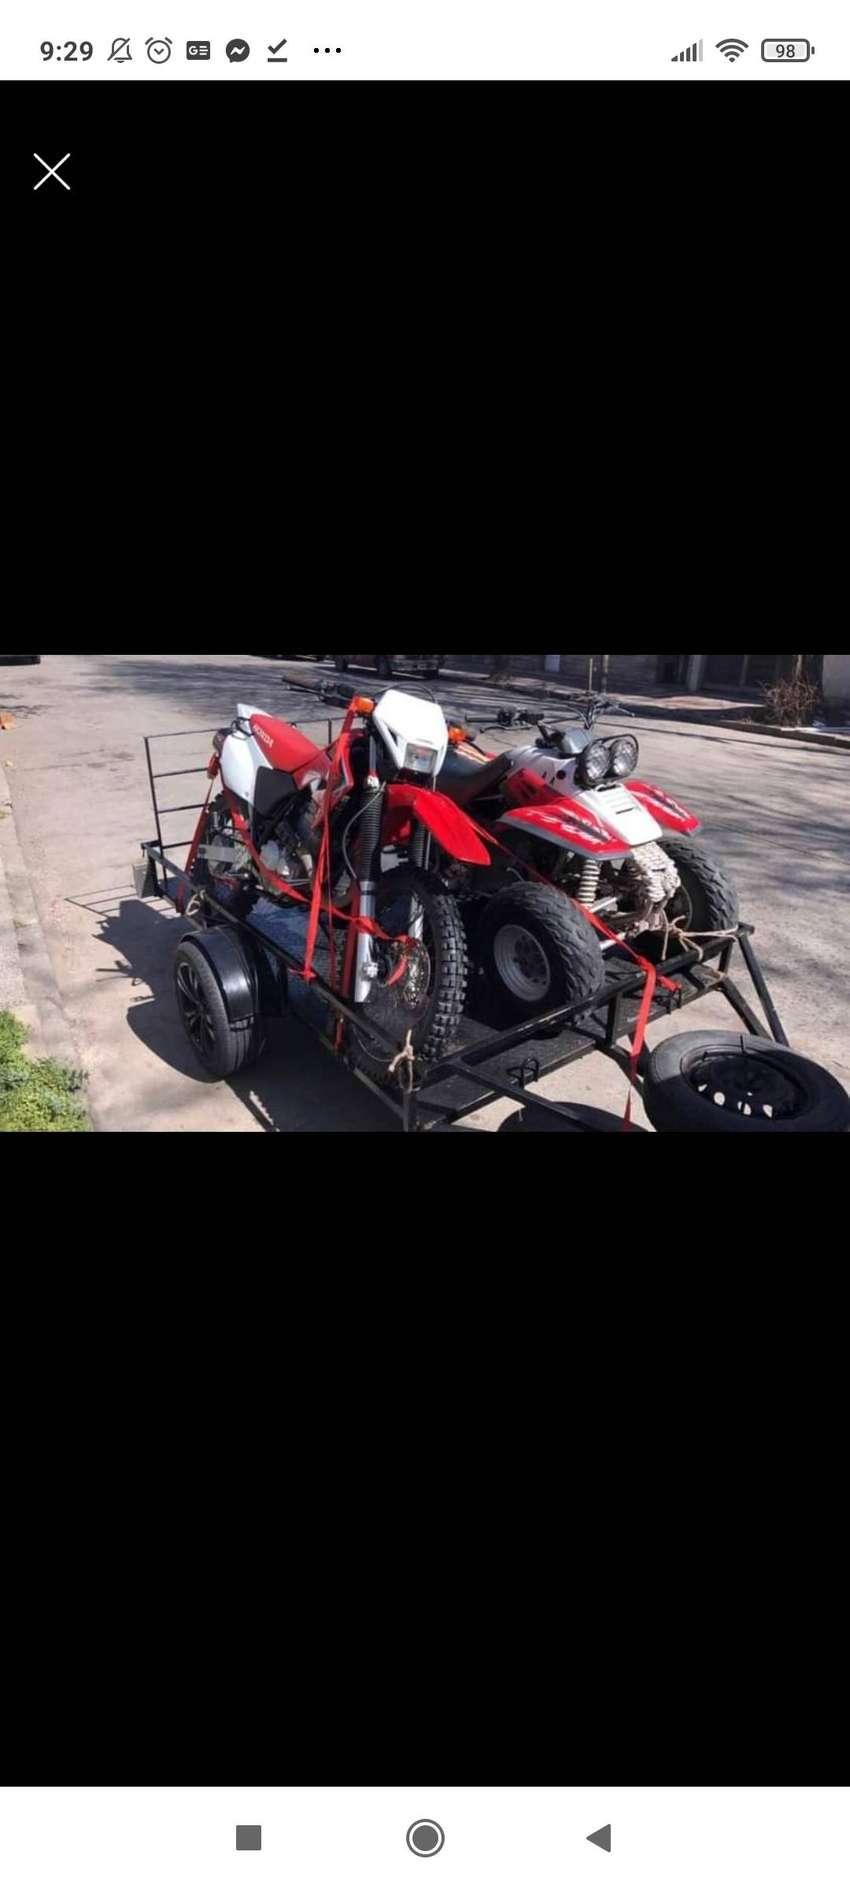 Trailer motos y cuatriciclos 0